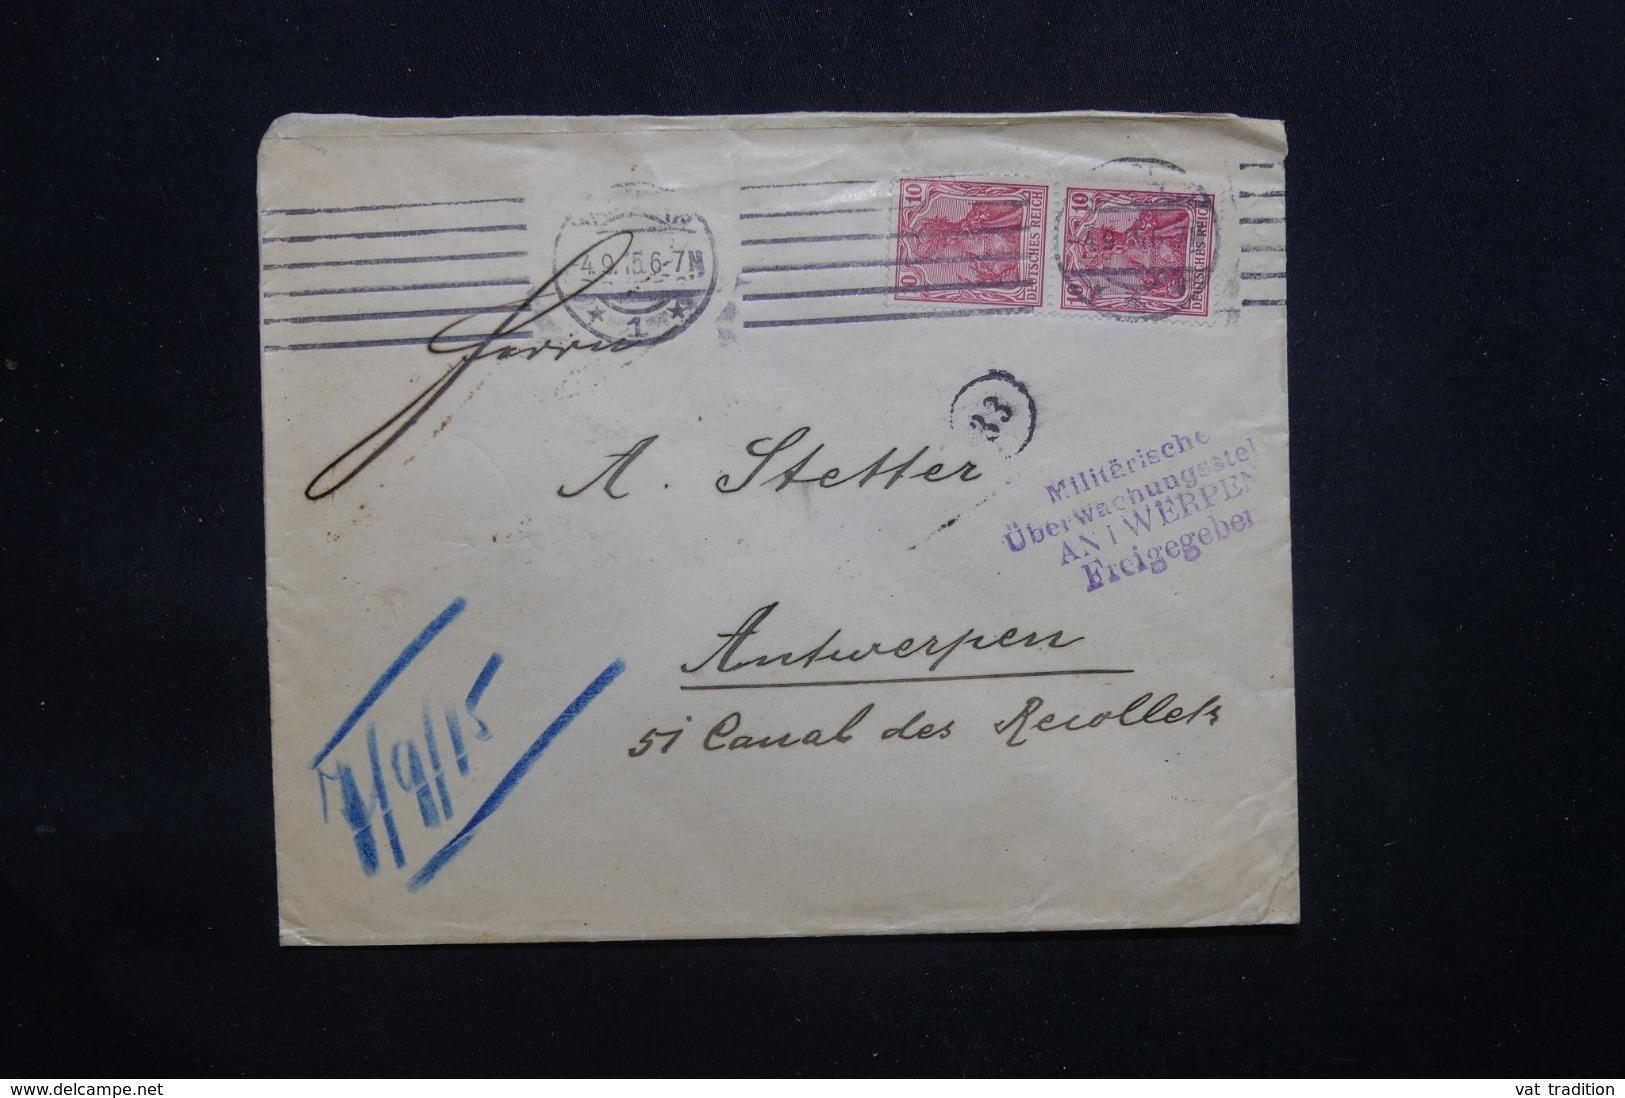 ALLEMAGNE - Enveloppe Commerciale De Hamburg En 1915 Pour Anvers Avec Cachet De Contrôle - L 43088 - Germany